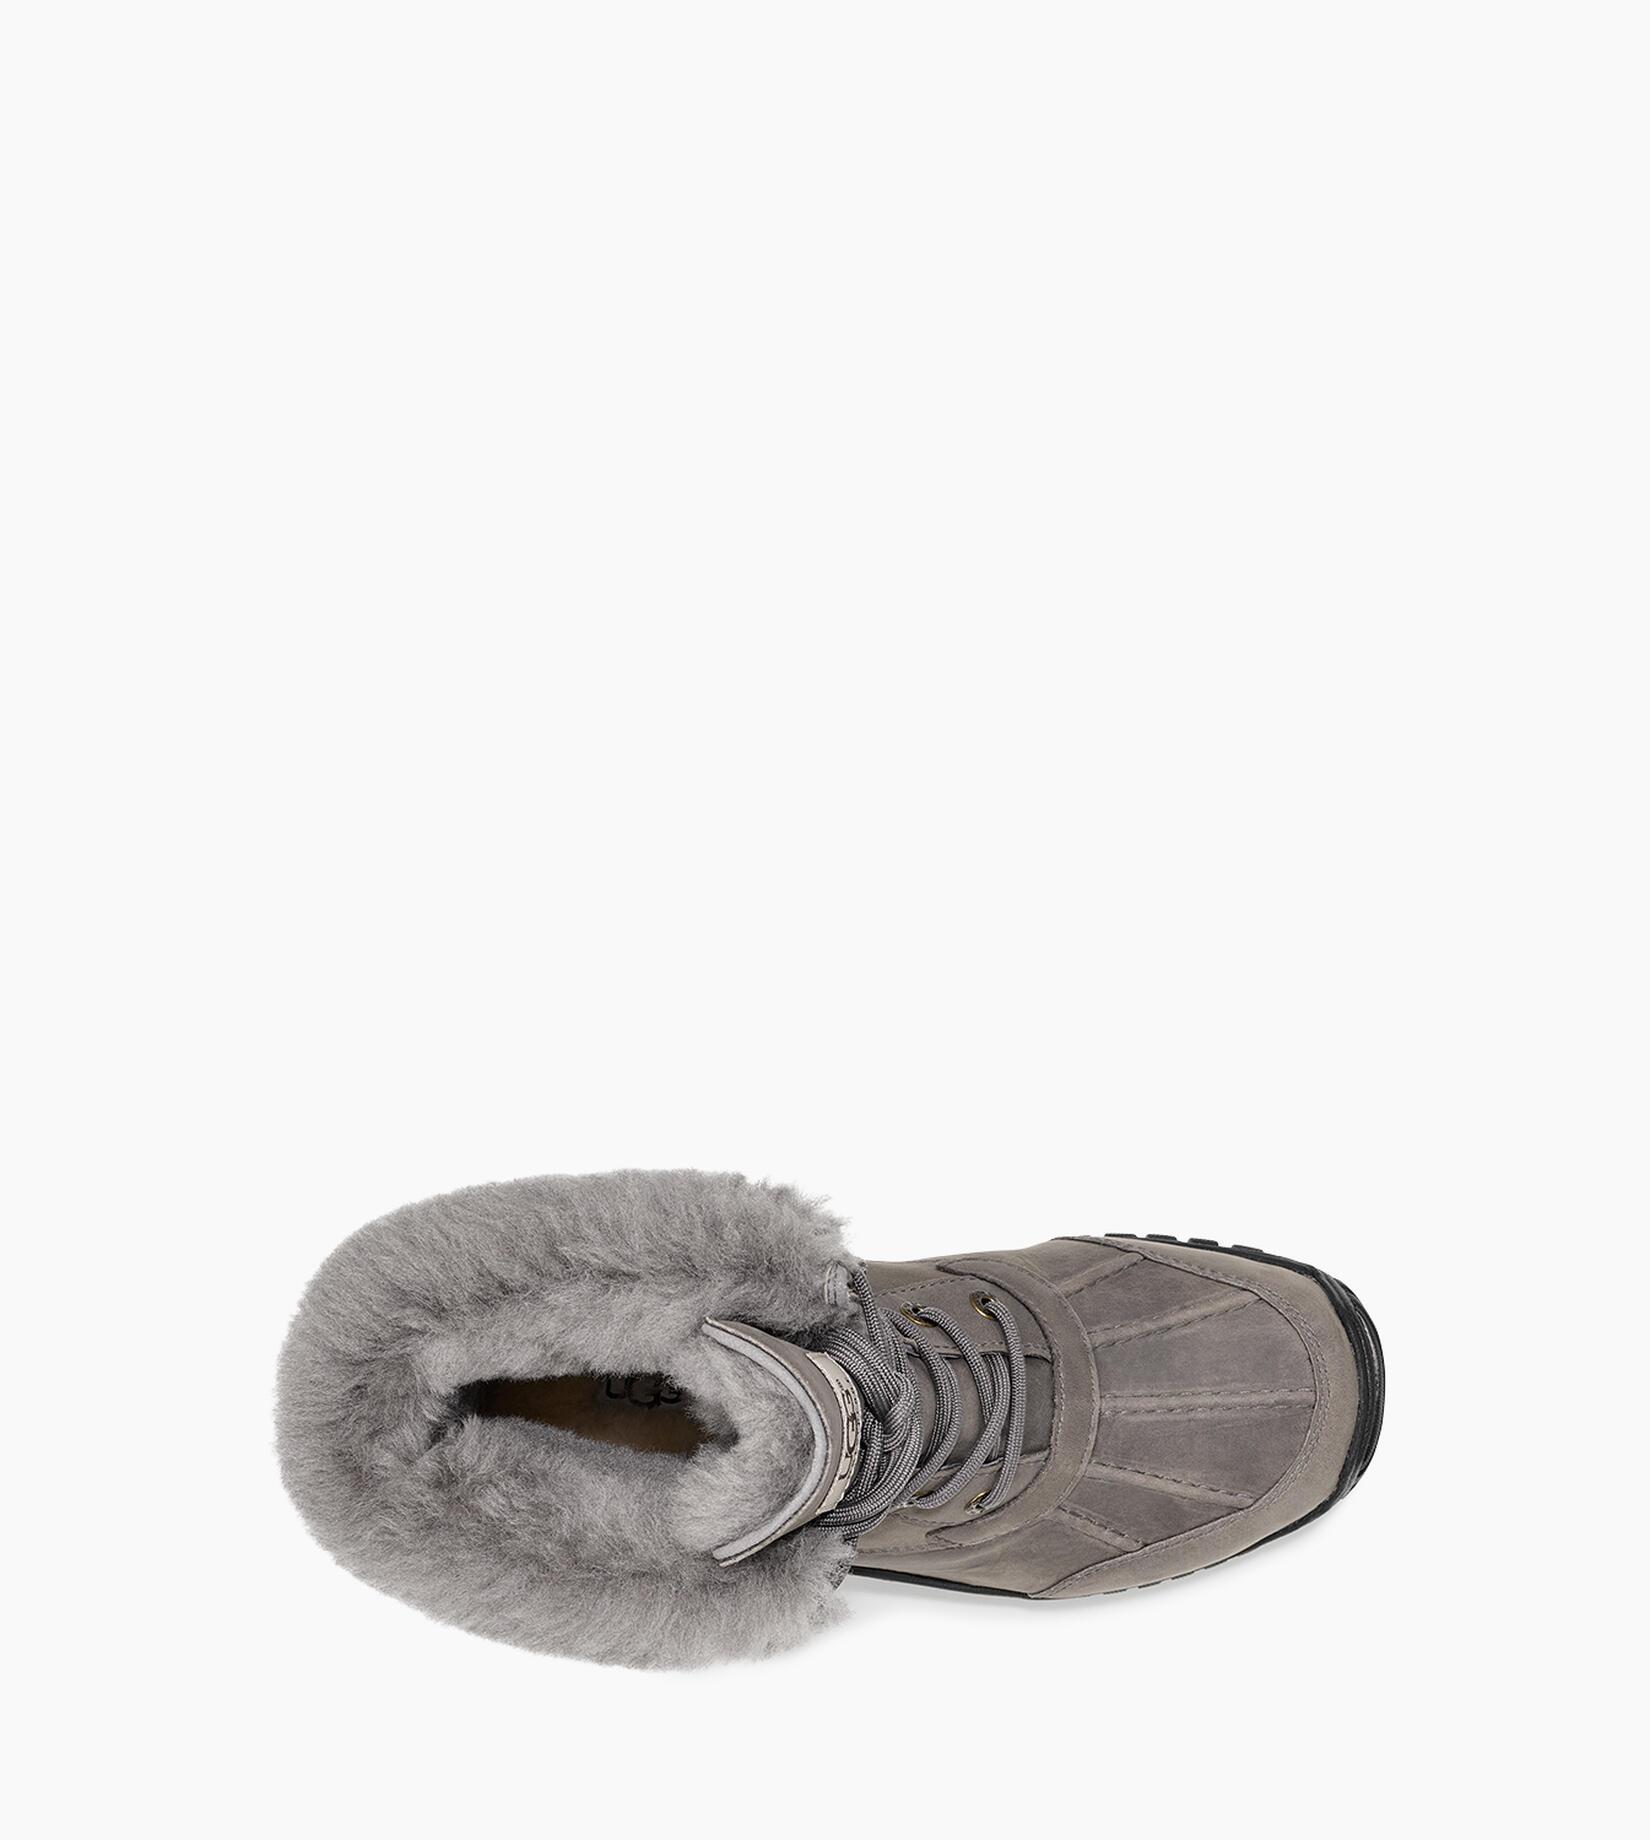 Adirondack Boot II Exotic